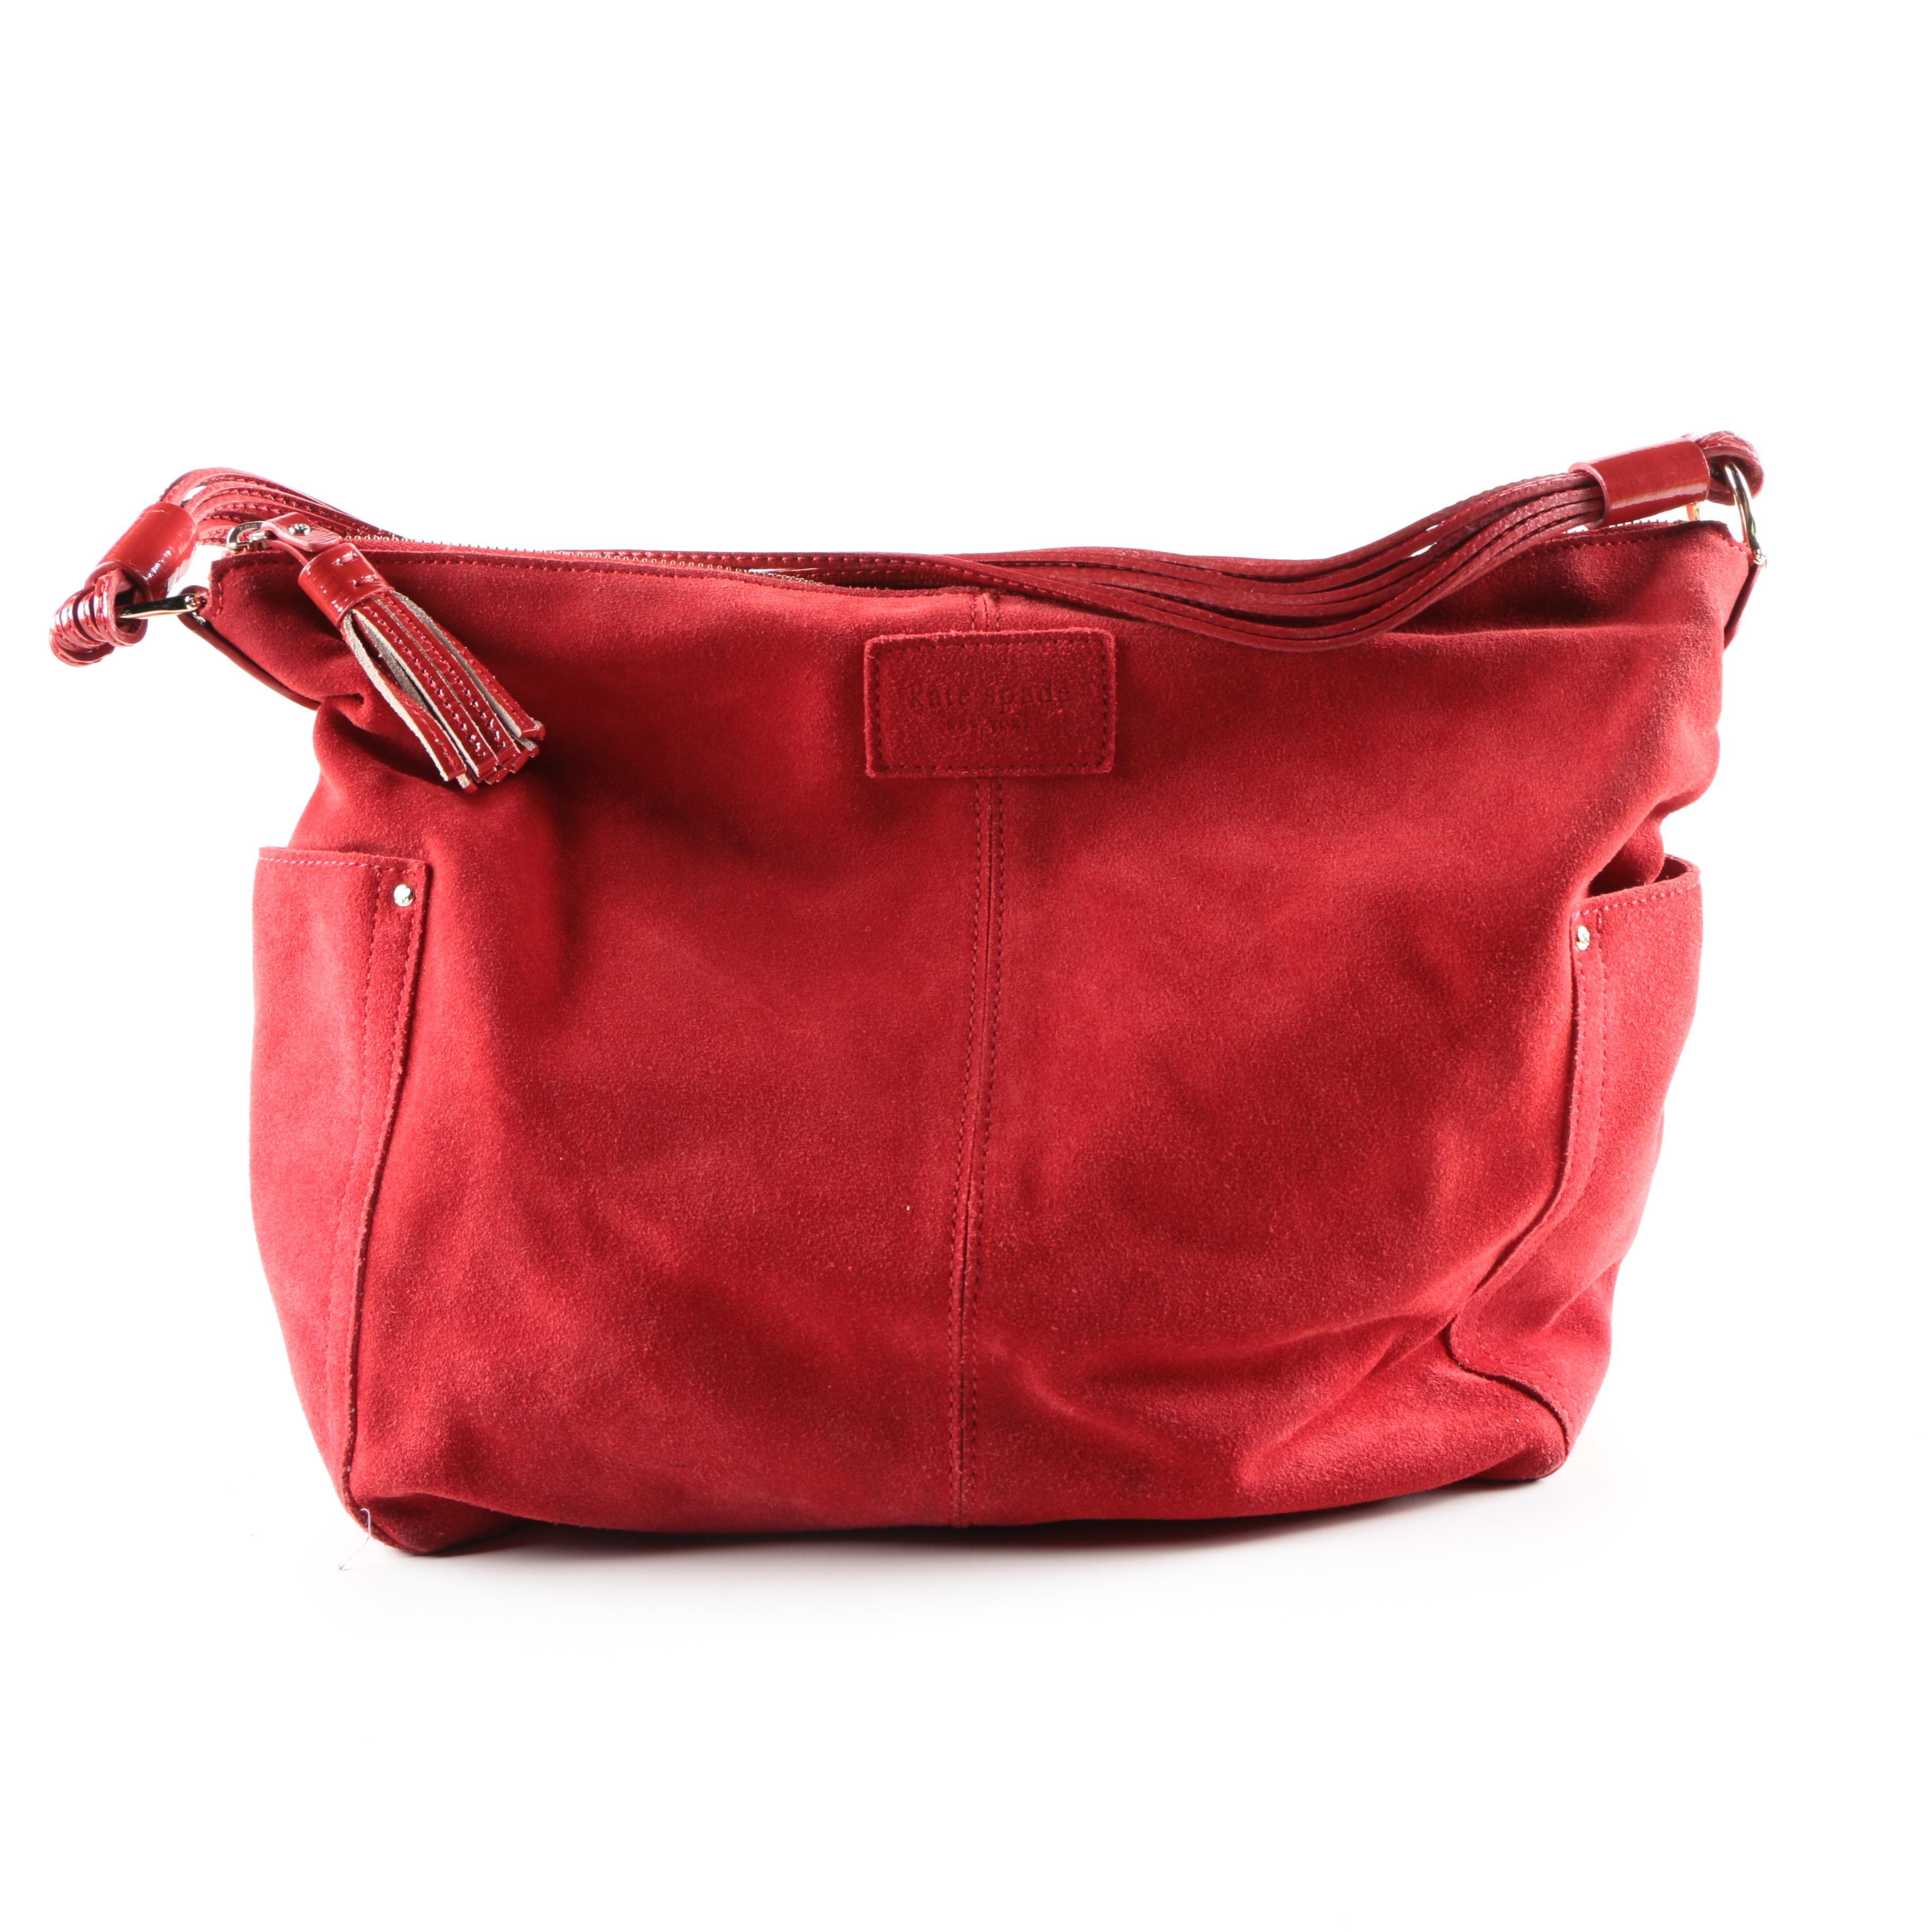 Kate Spade Red Suede Handbag Ebth